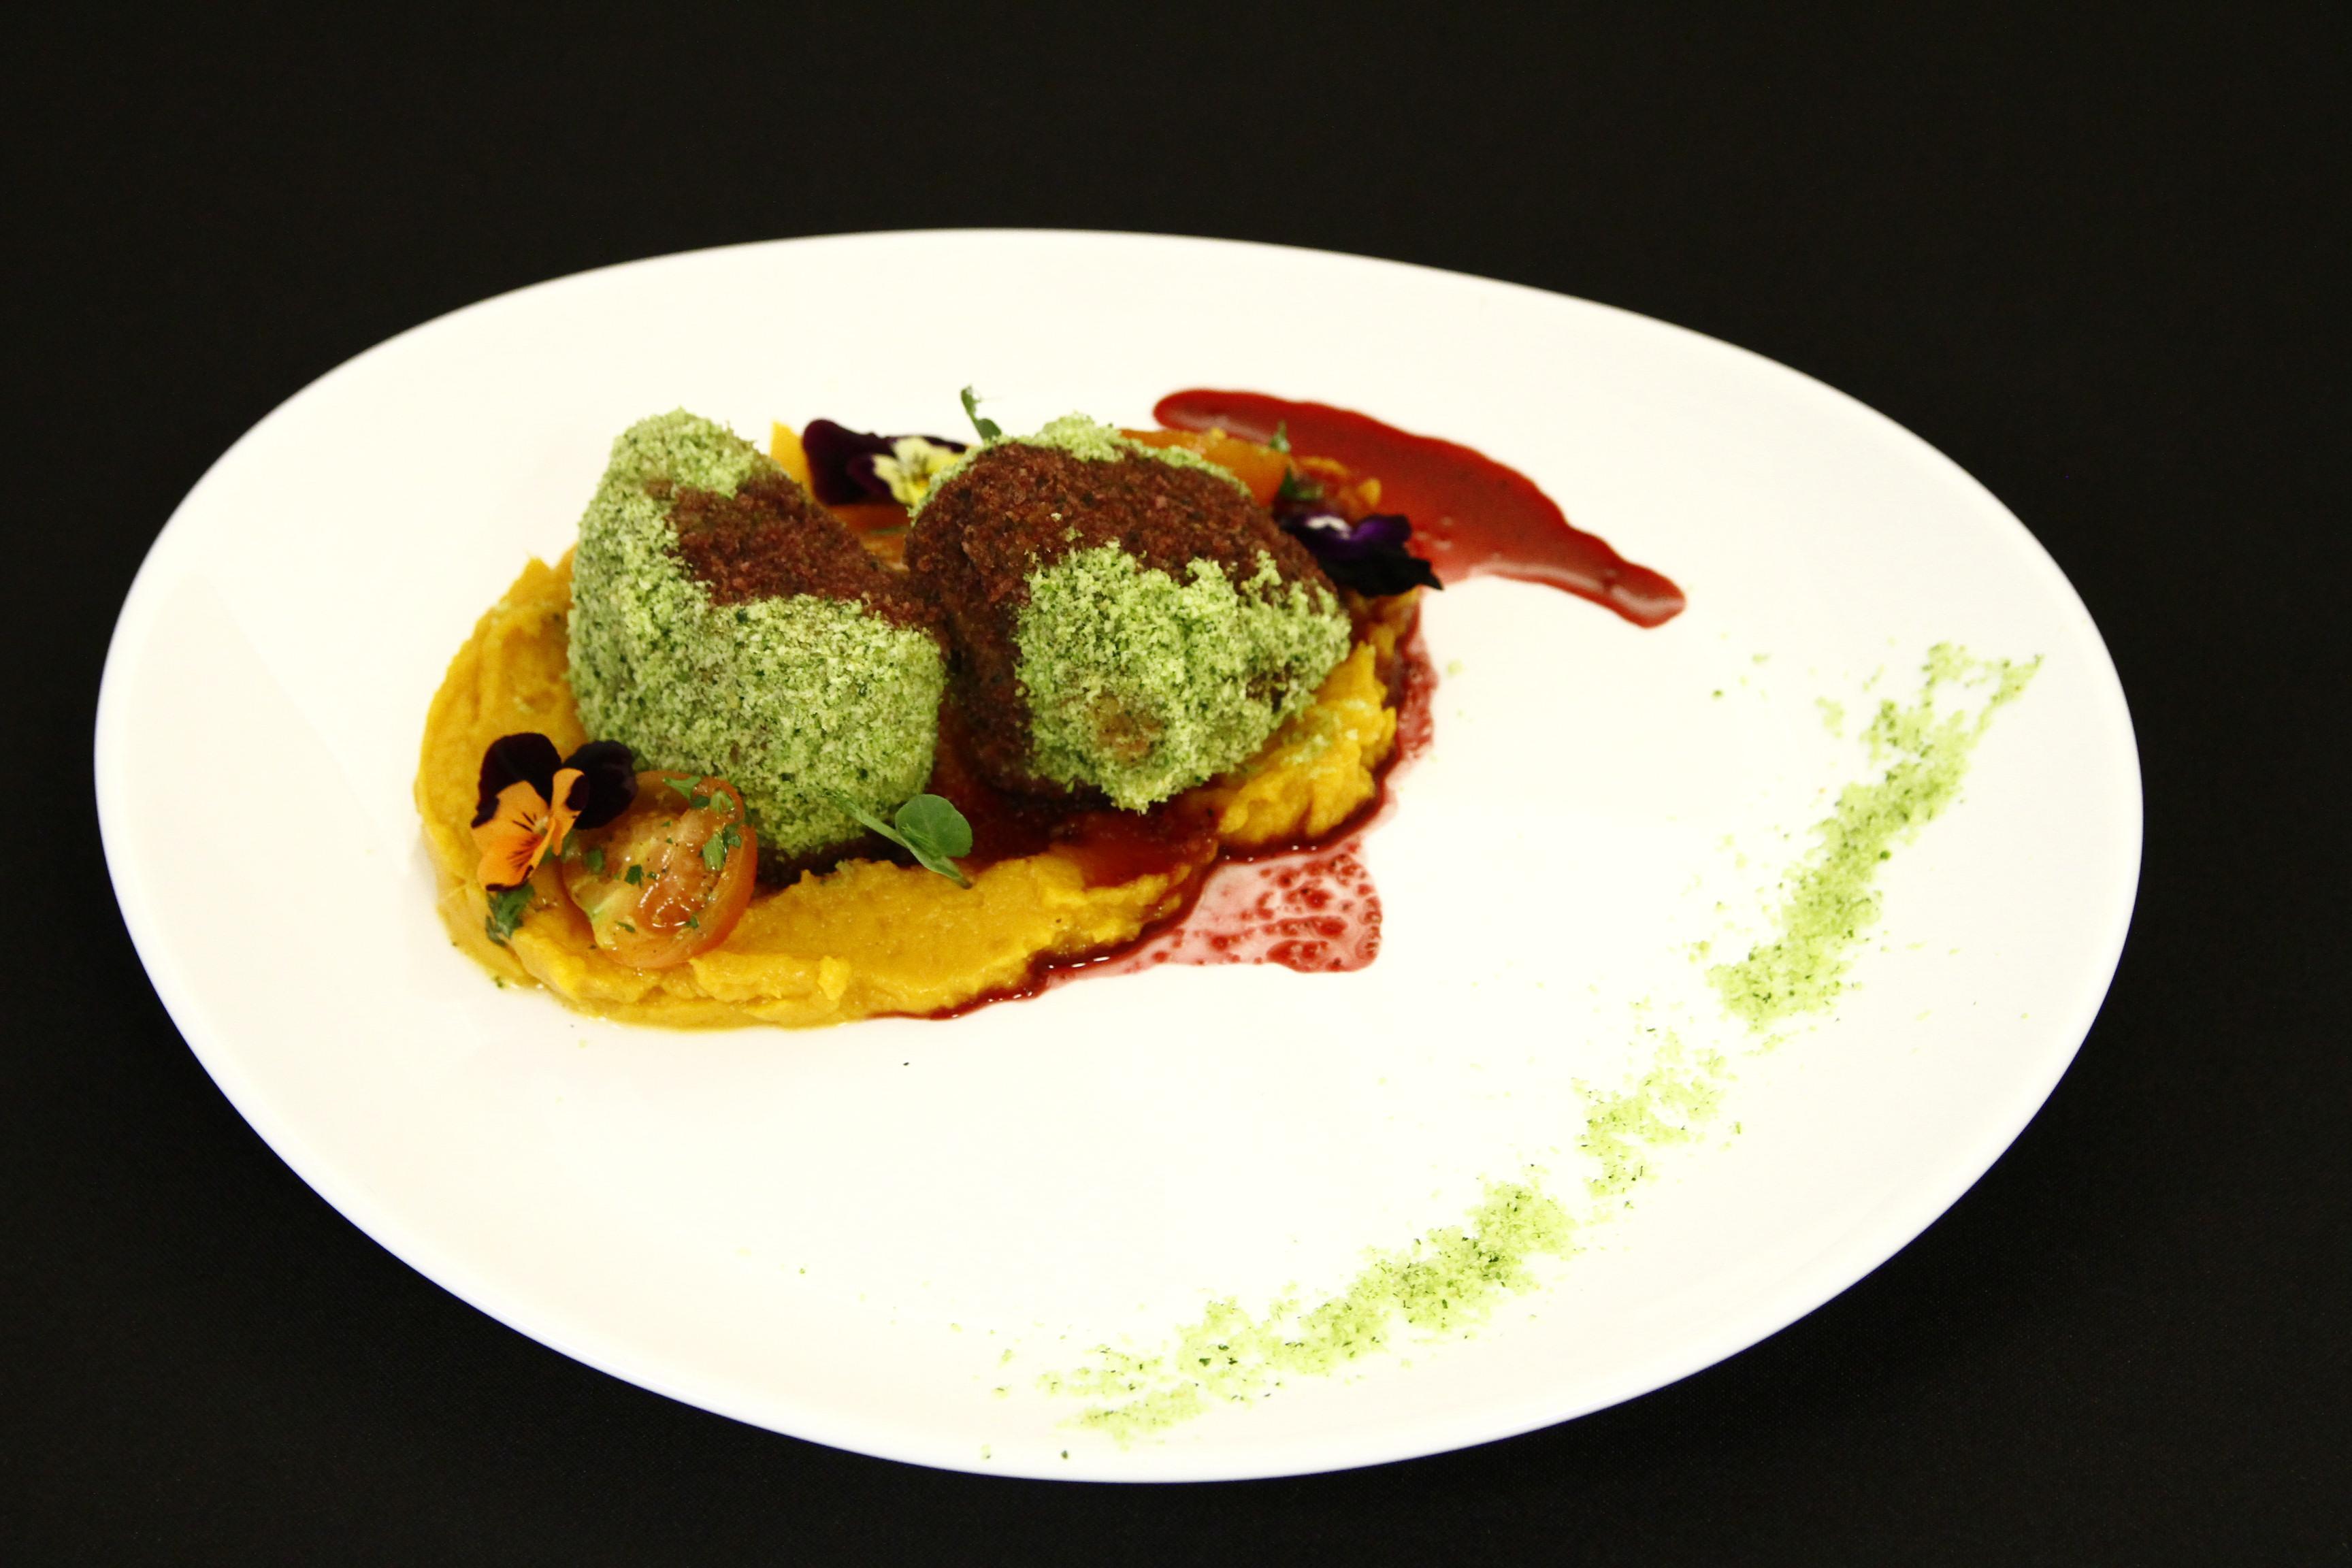 Muschiuleț de porc în crustă de pătrunjel cu piure de cartofi dulci și reducție de vin